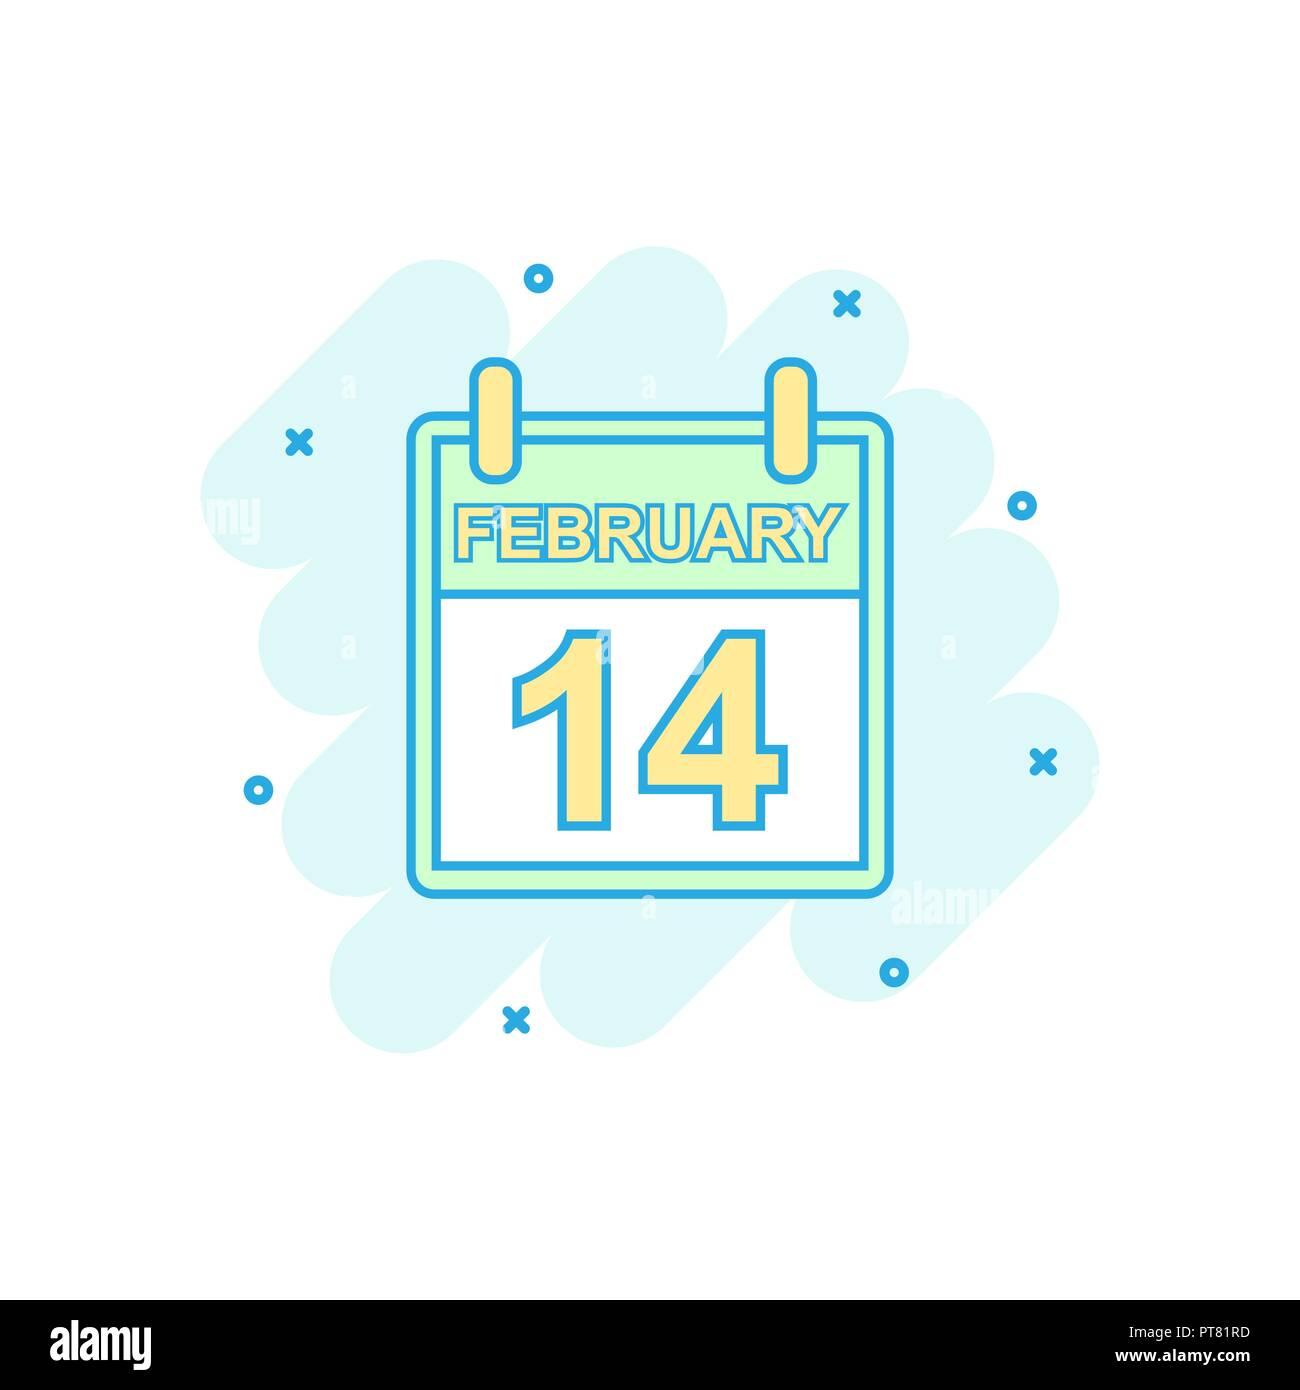 Color De Dibujos Animados Icono De Calendario El 14 De Febrero En El